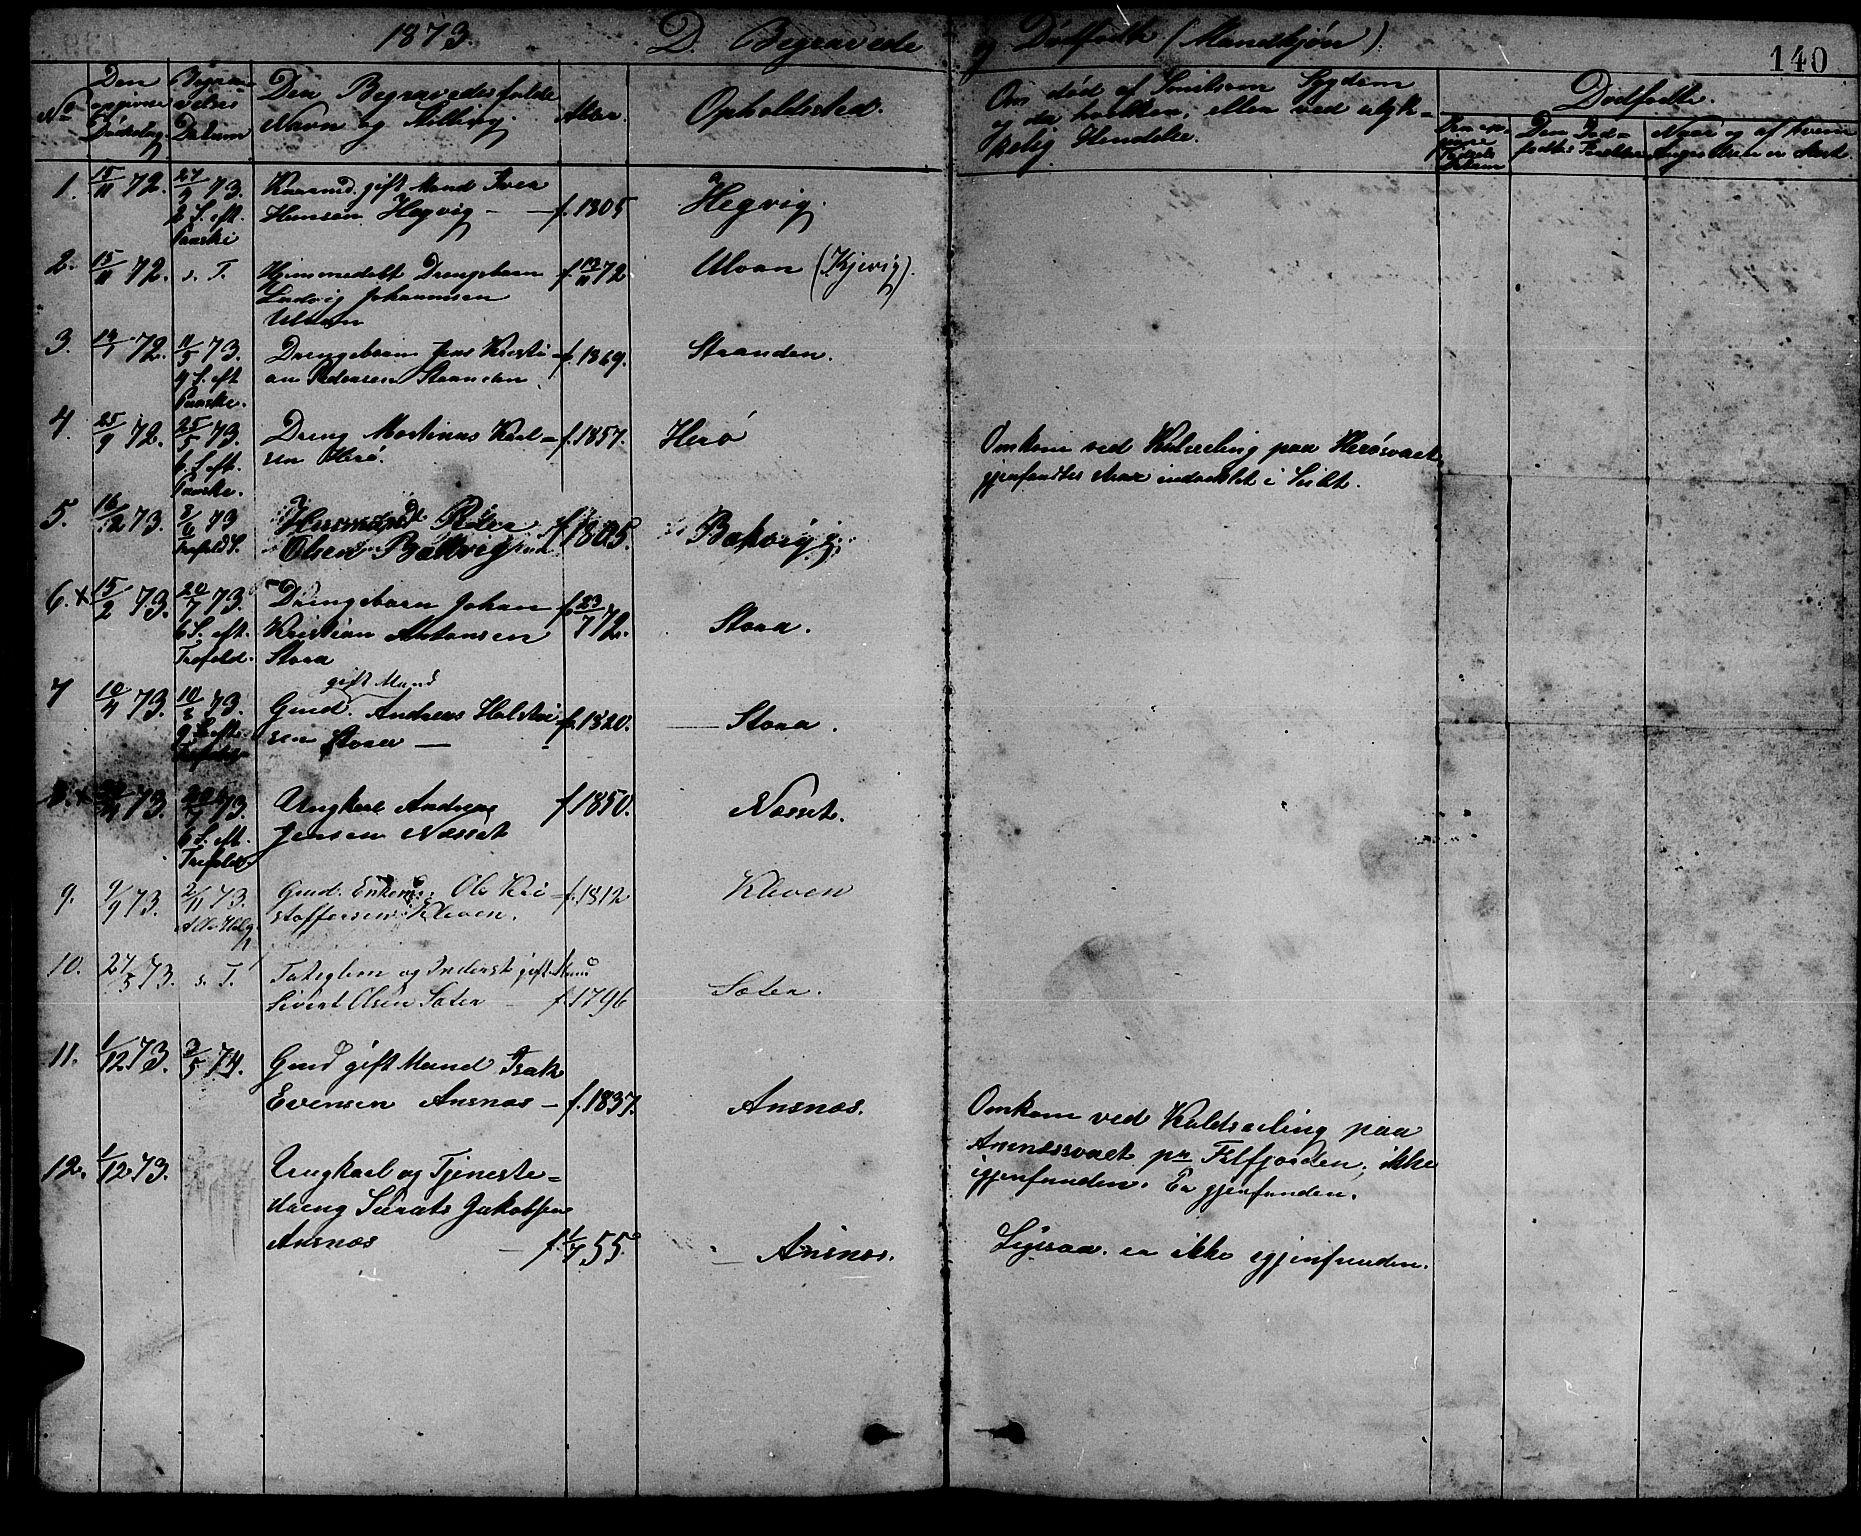 SAT, Ministerialprotokoller, klokkerbøker og fødselsregistre - Sør-Trøndelag, 637/L0561: Klokkerbok nr. 637C02, 1873-1882, s. 140